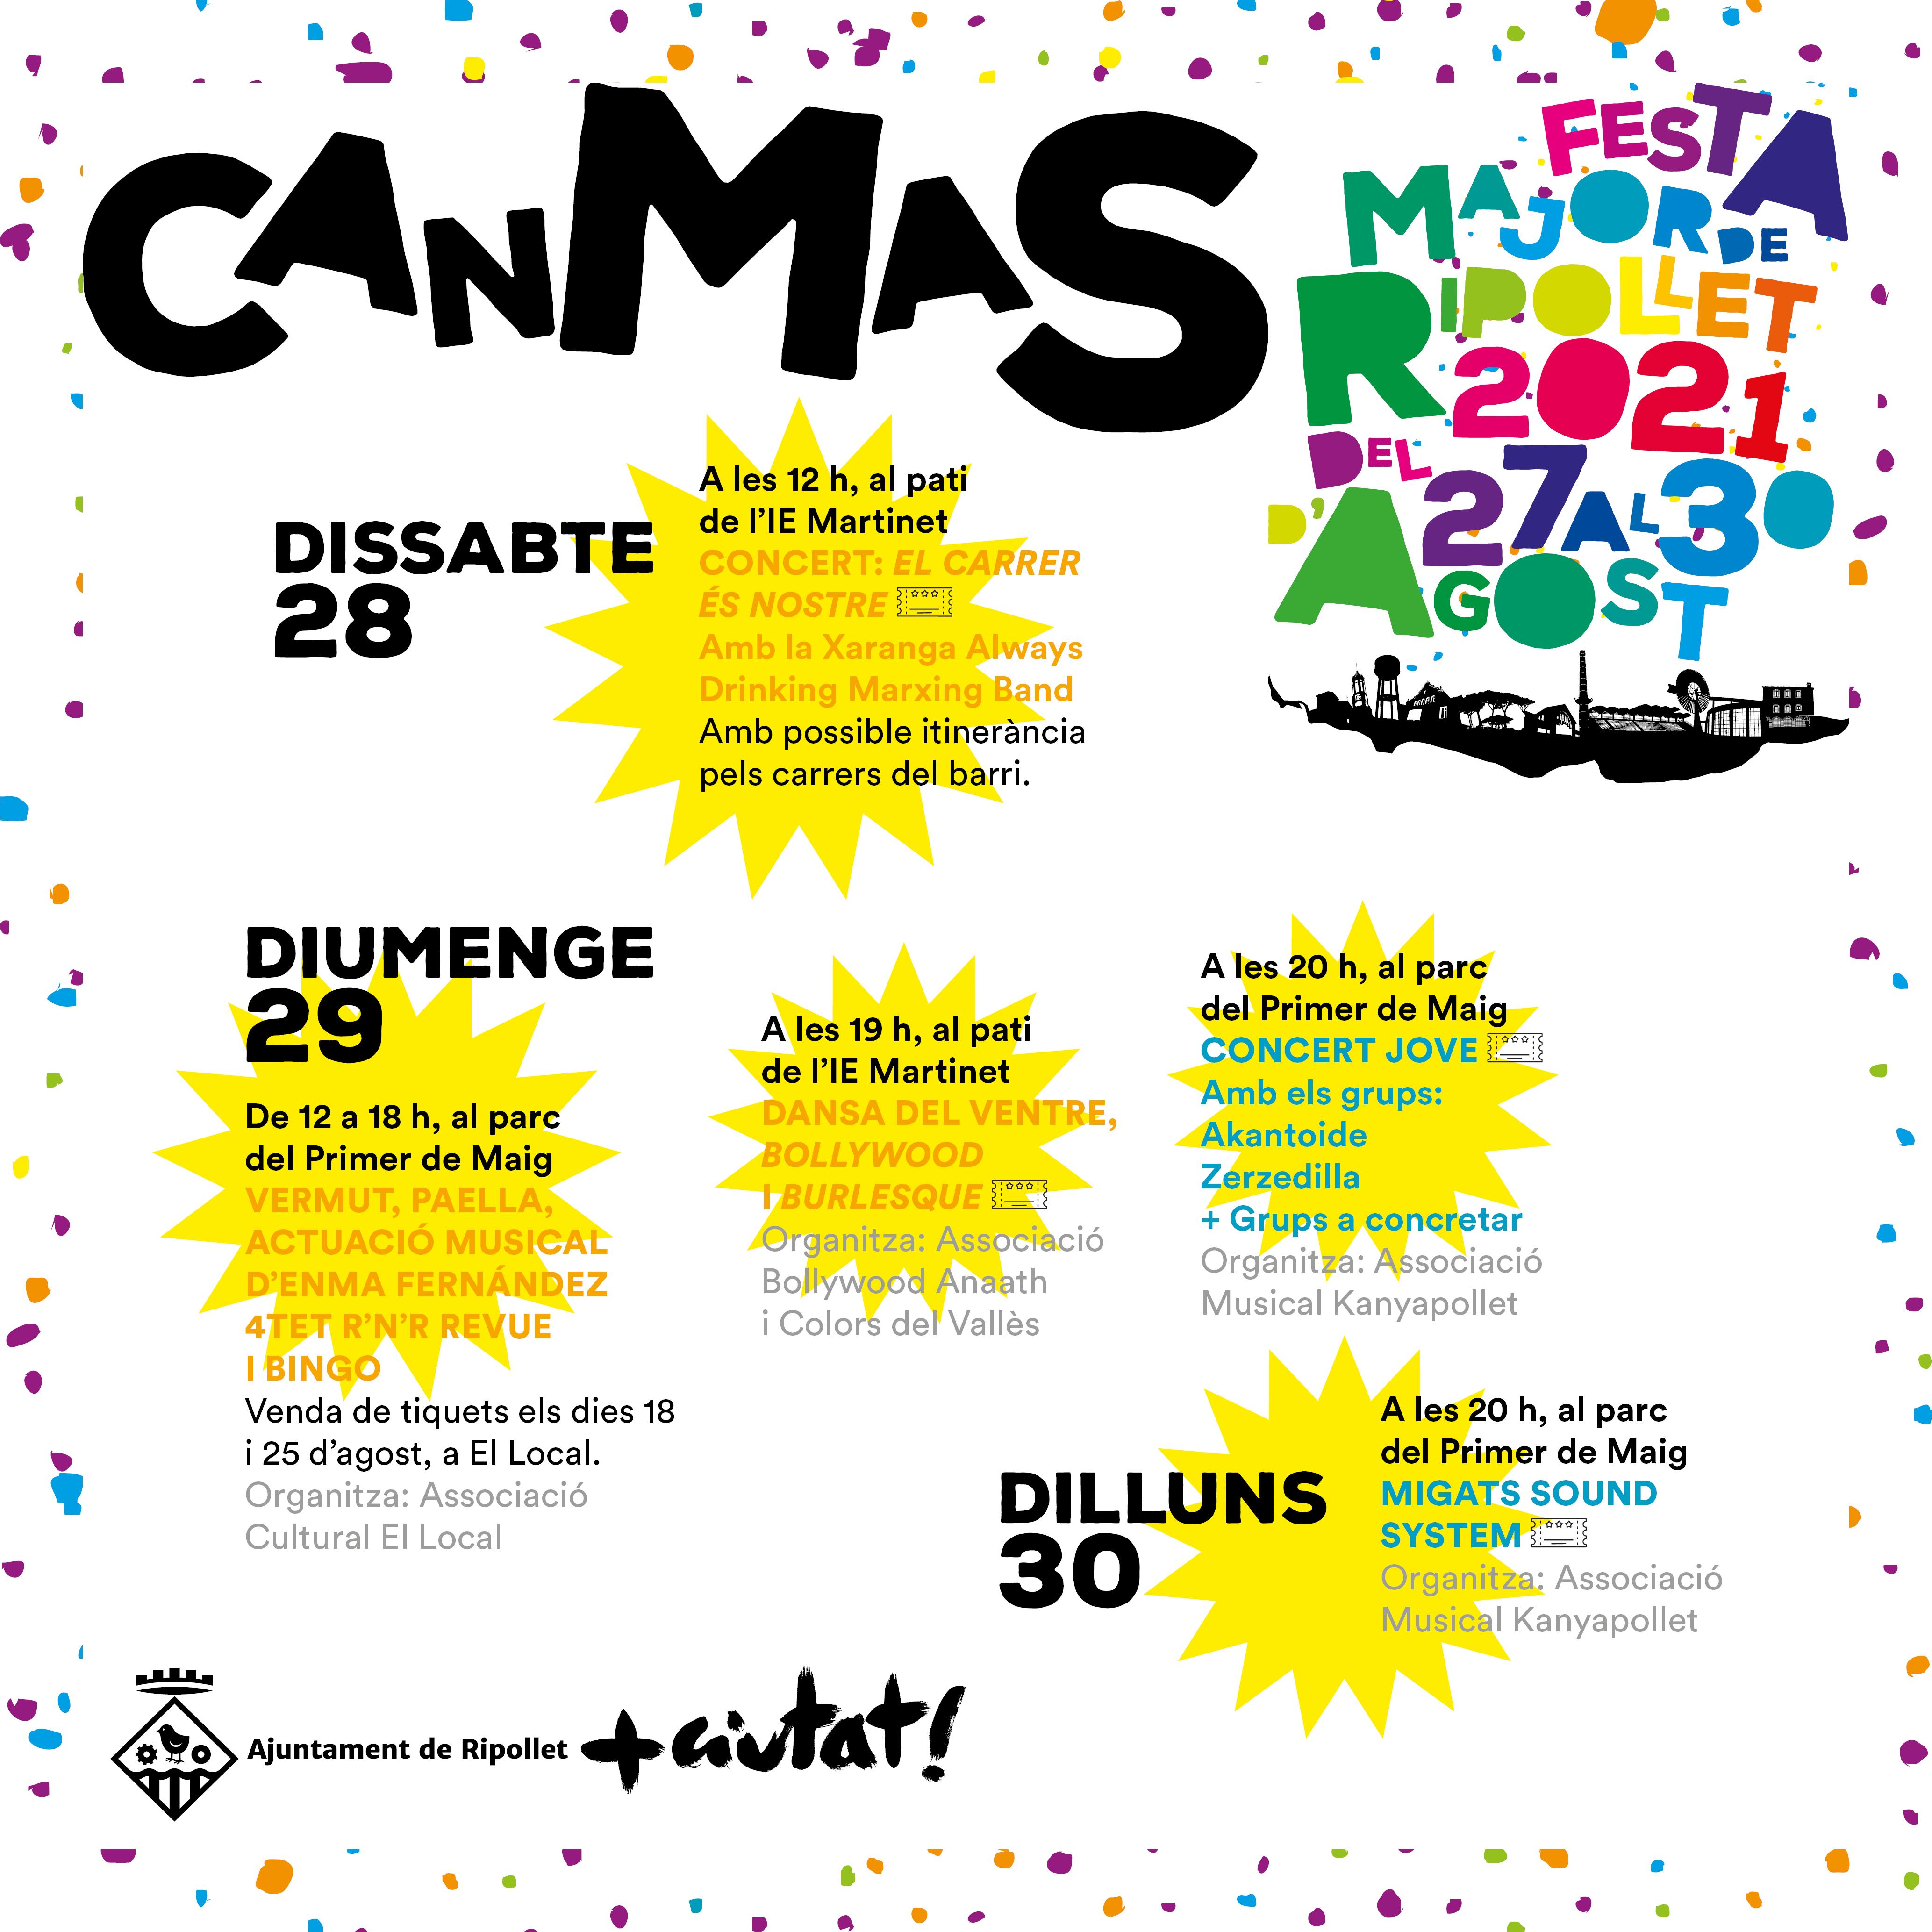 Actes destacats de la Festa Major 2021 a Can Mas